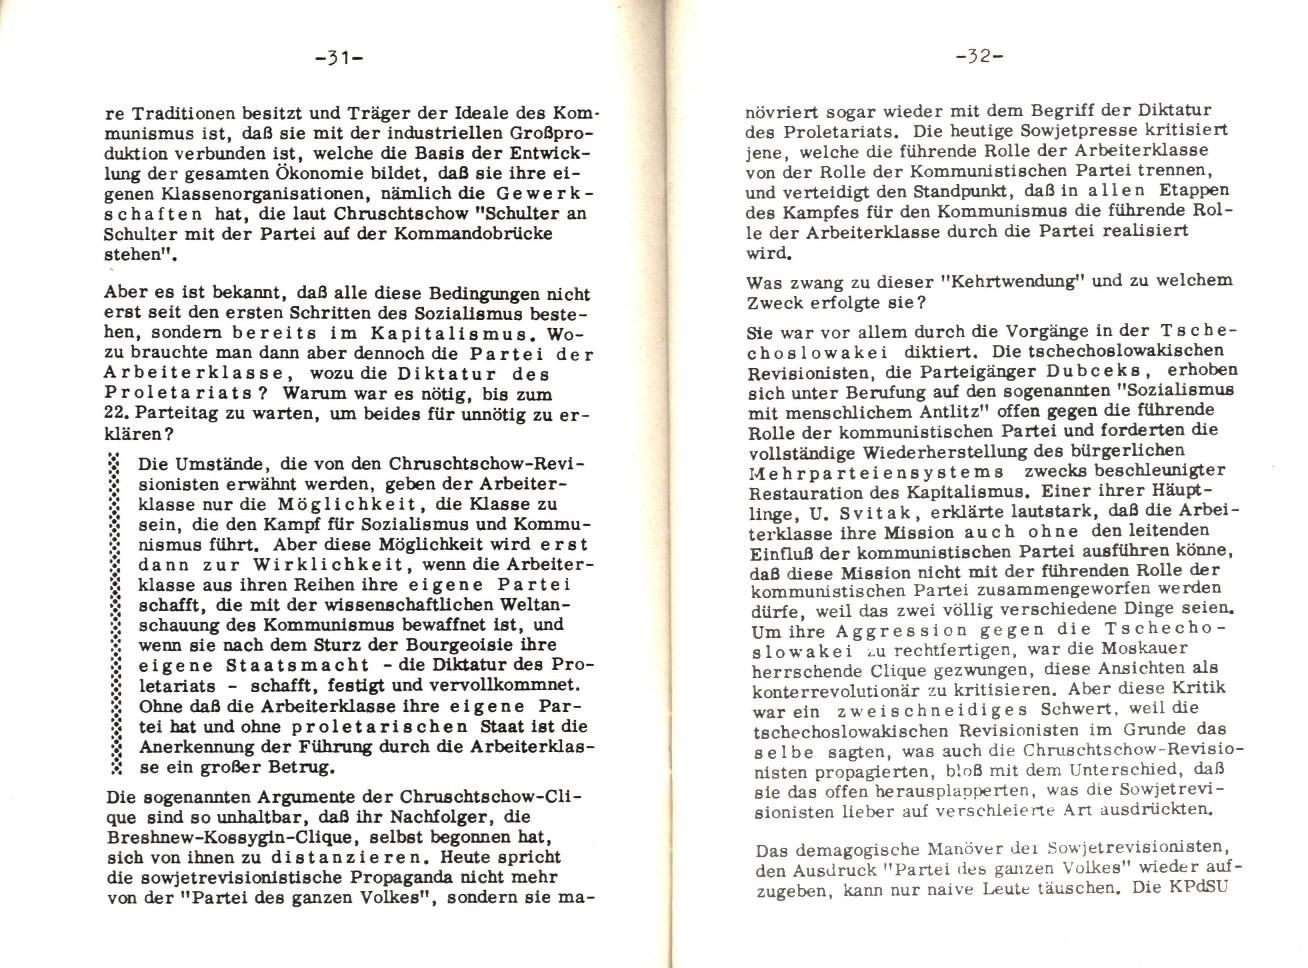 MLSK_Theorie_und_Praxis_des_ML_1978_23_19